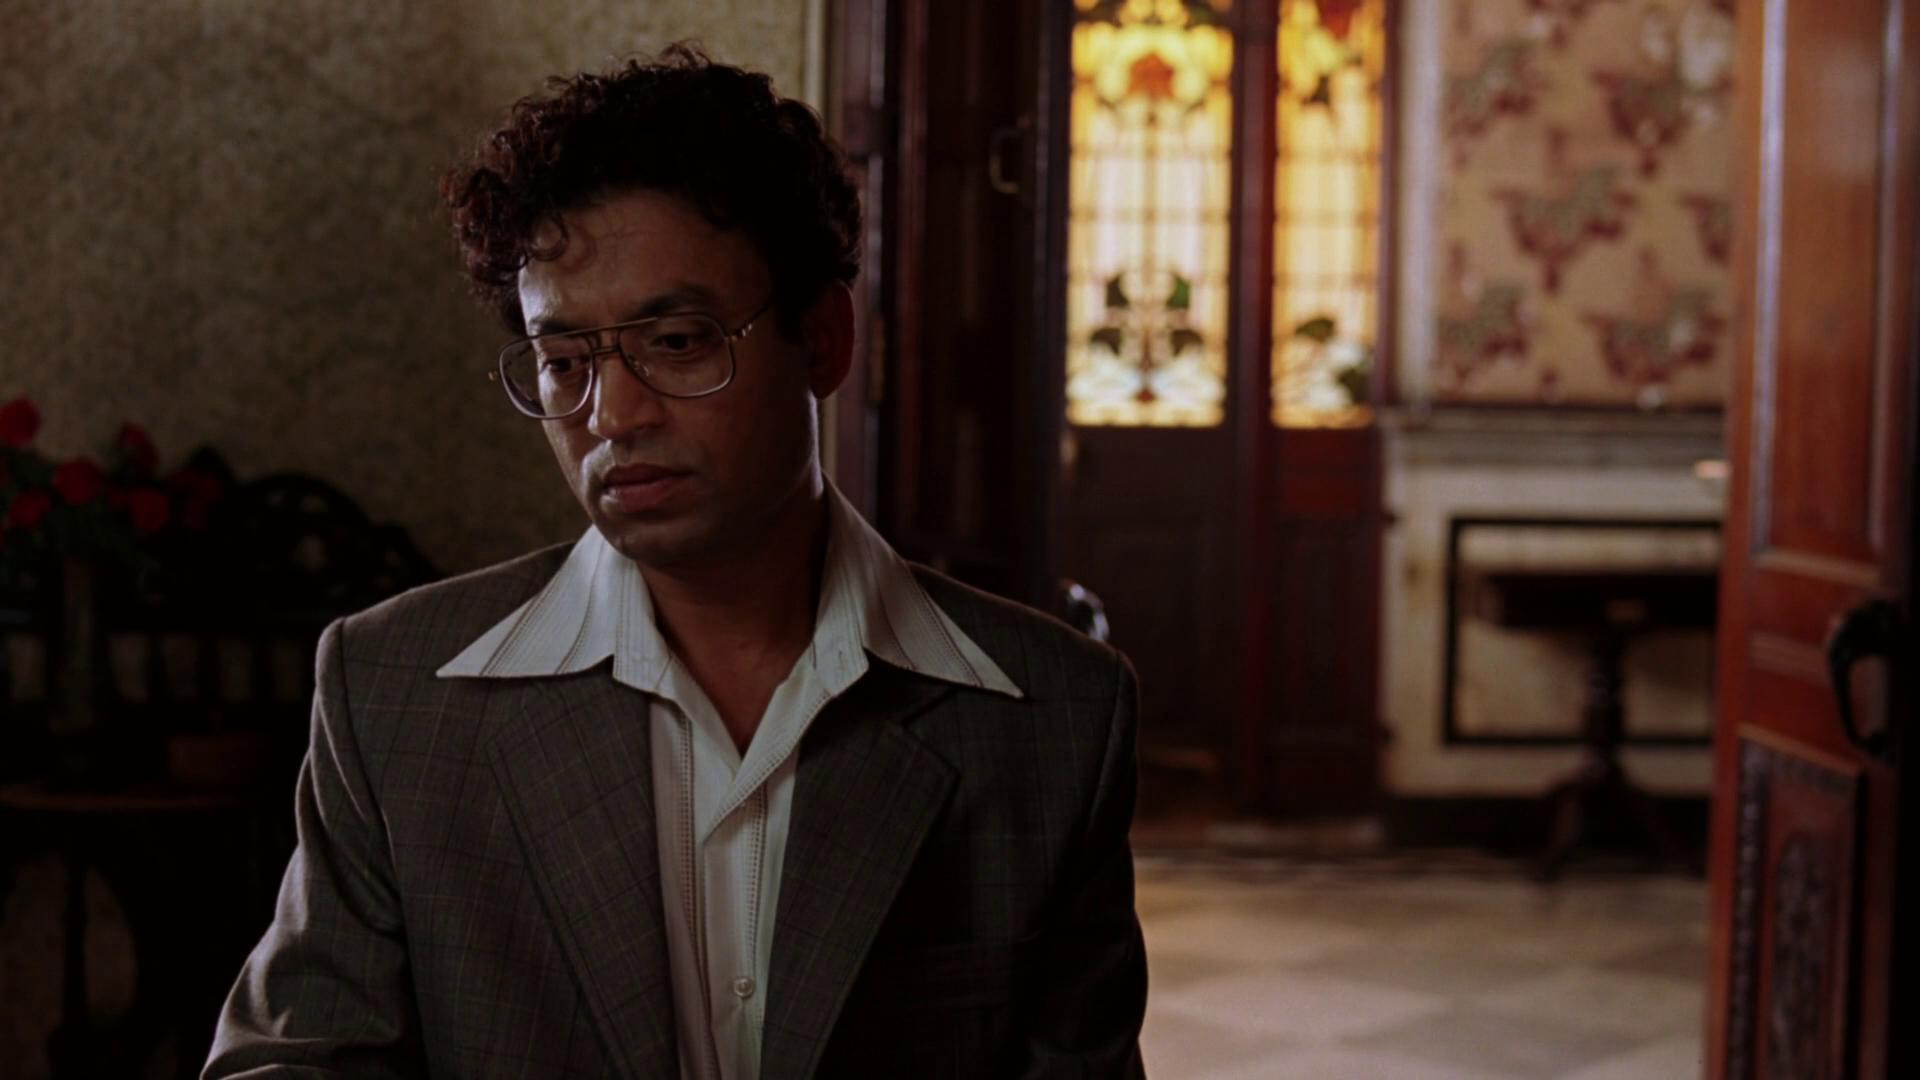 Irrfan Khan in The Namesake (2006)